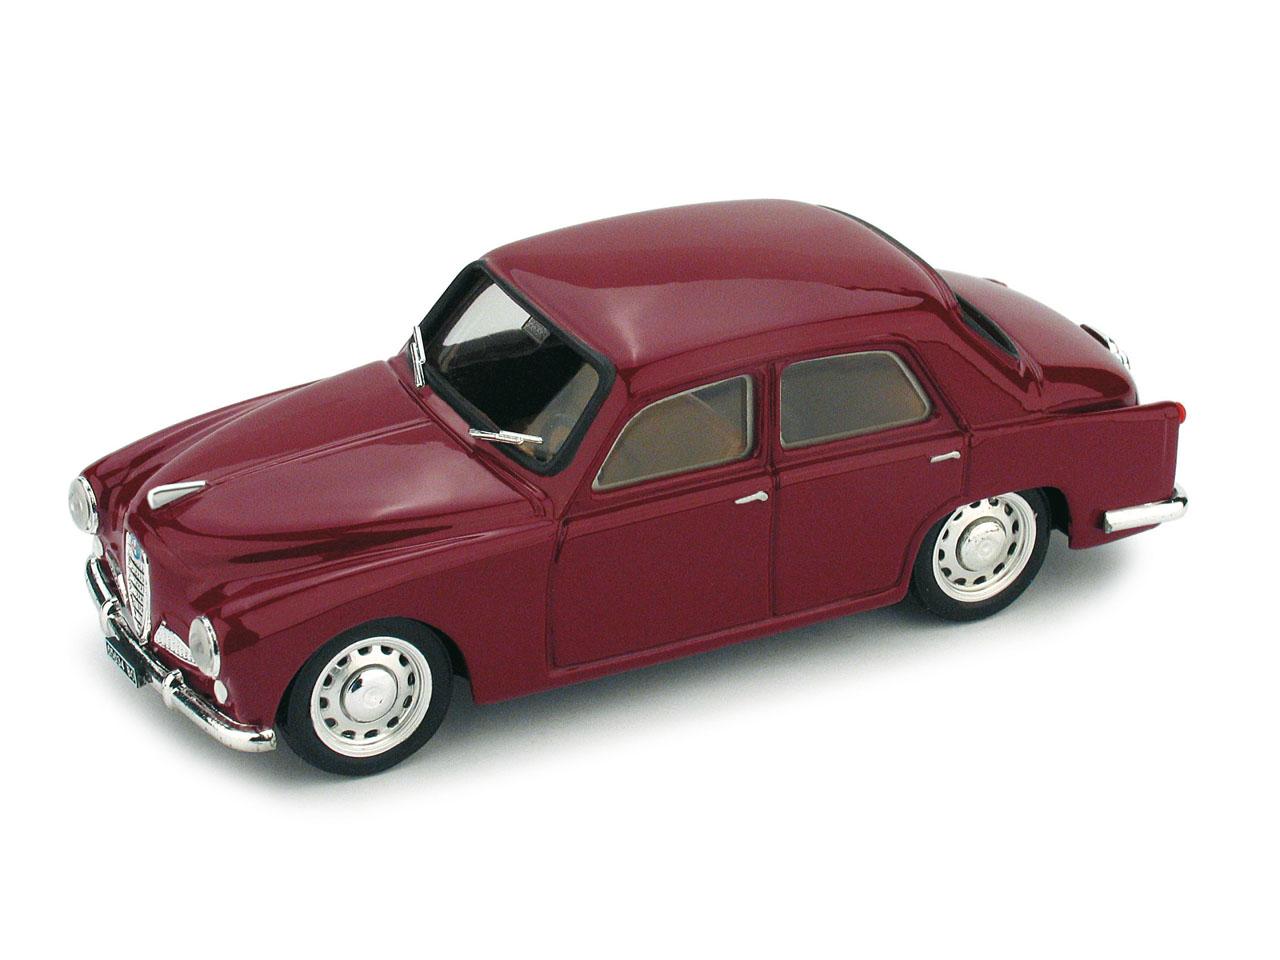 Alfa Romeo 1900 (1950) Brumm 1/43 Granate